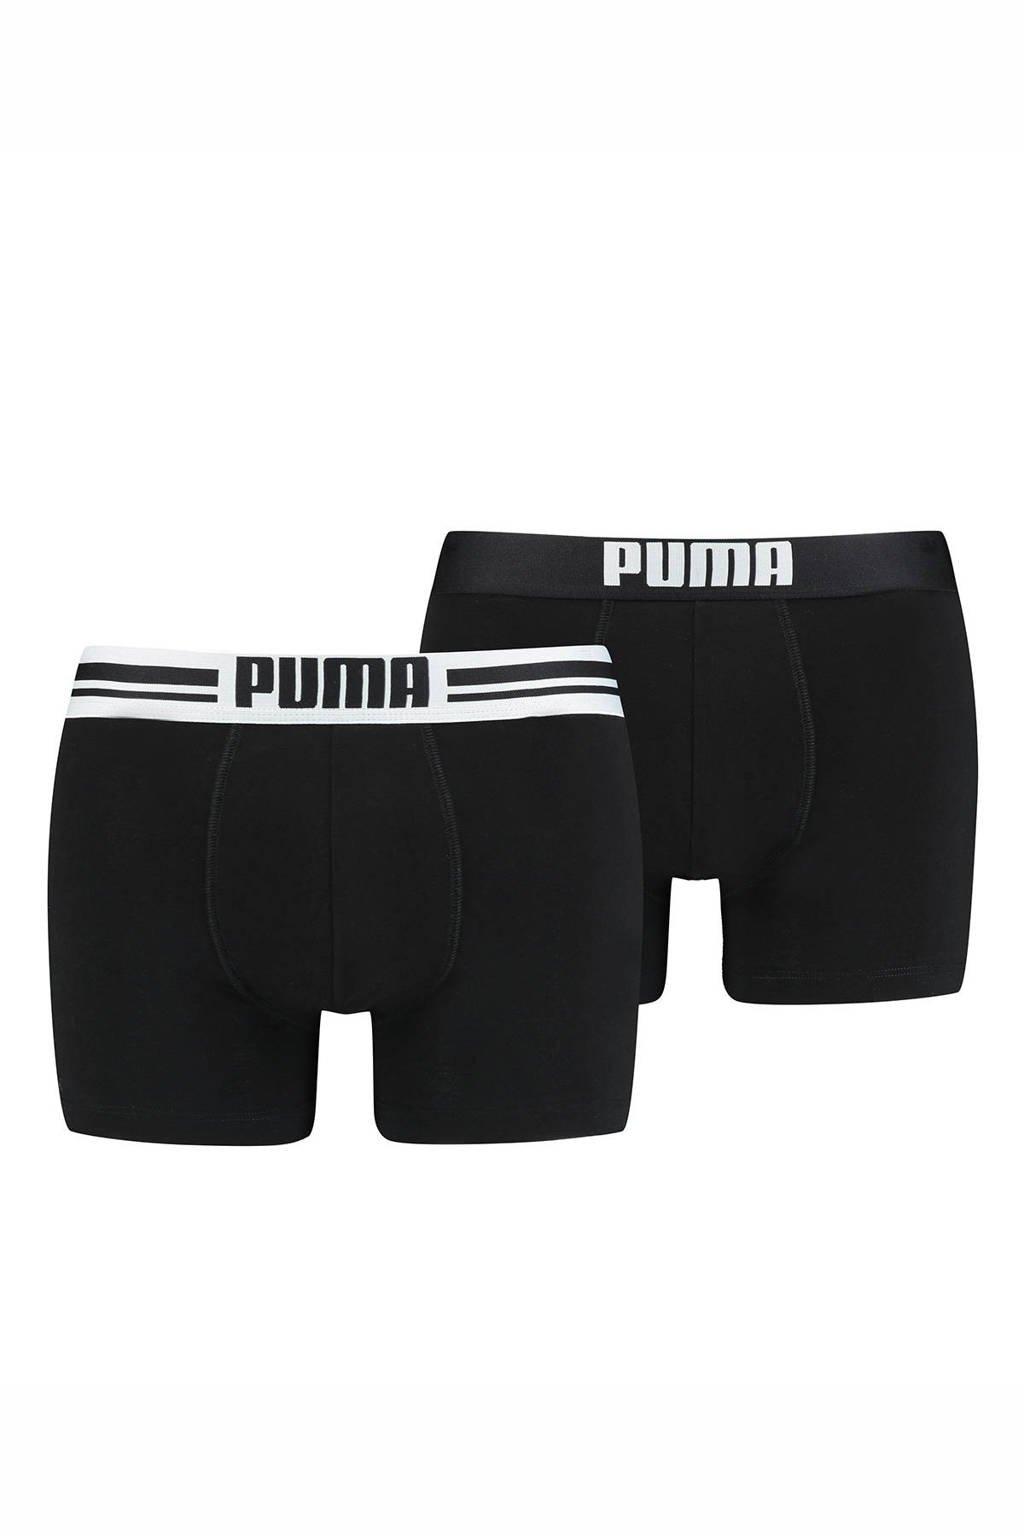 Puma boxershort (set van 2), Zwart